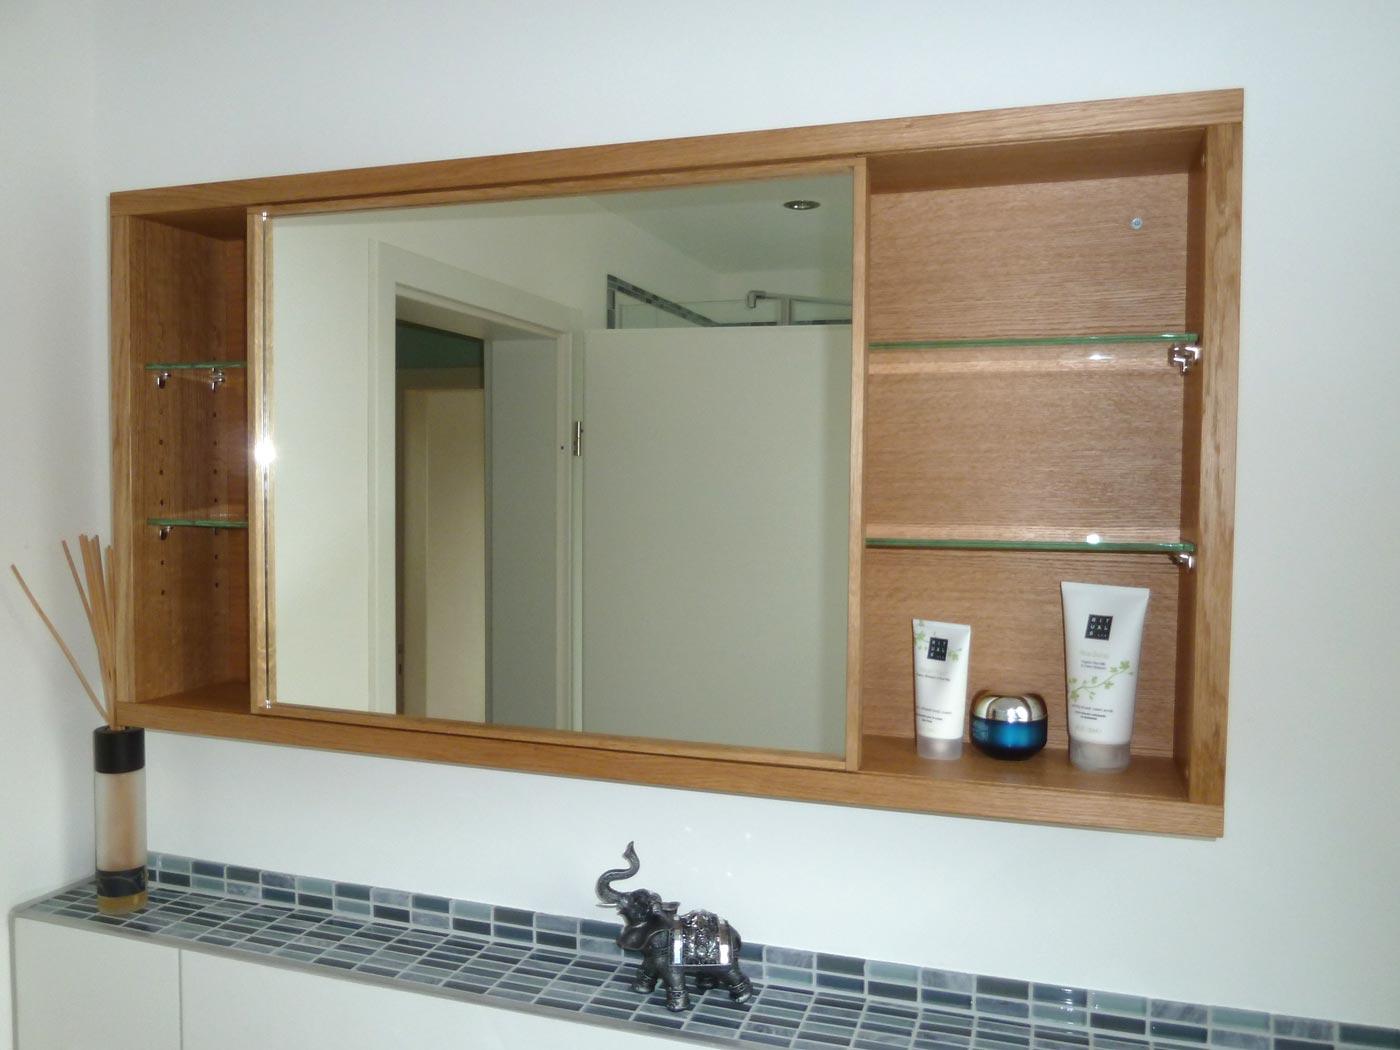 spiegelschrank bearbeitet neue schreinerei. Black Bedroom Furniture Sets. Home Design Ideas